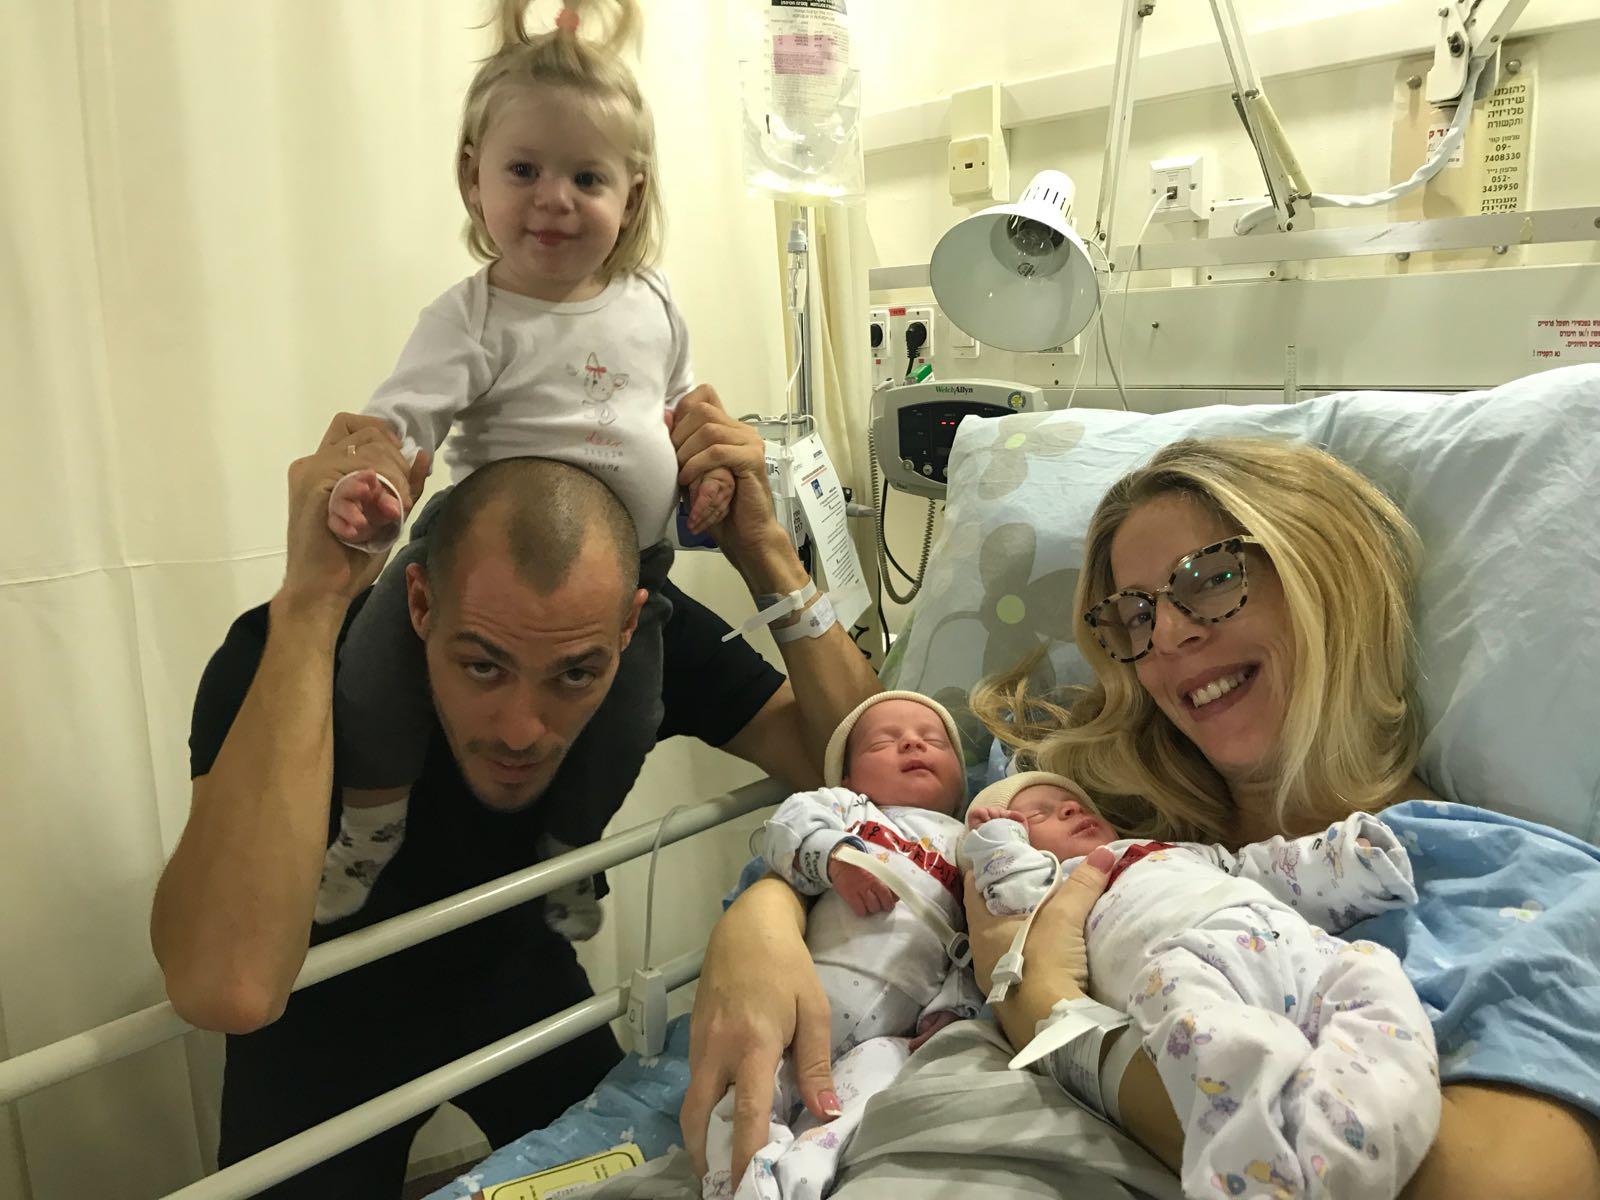 מזל טוב כפול... ענת וליעד פוגל מתחדשים בתאומות בשם הרחבת המשפחה